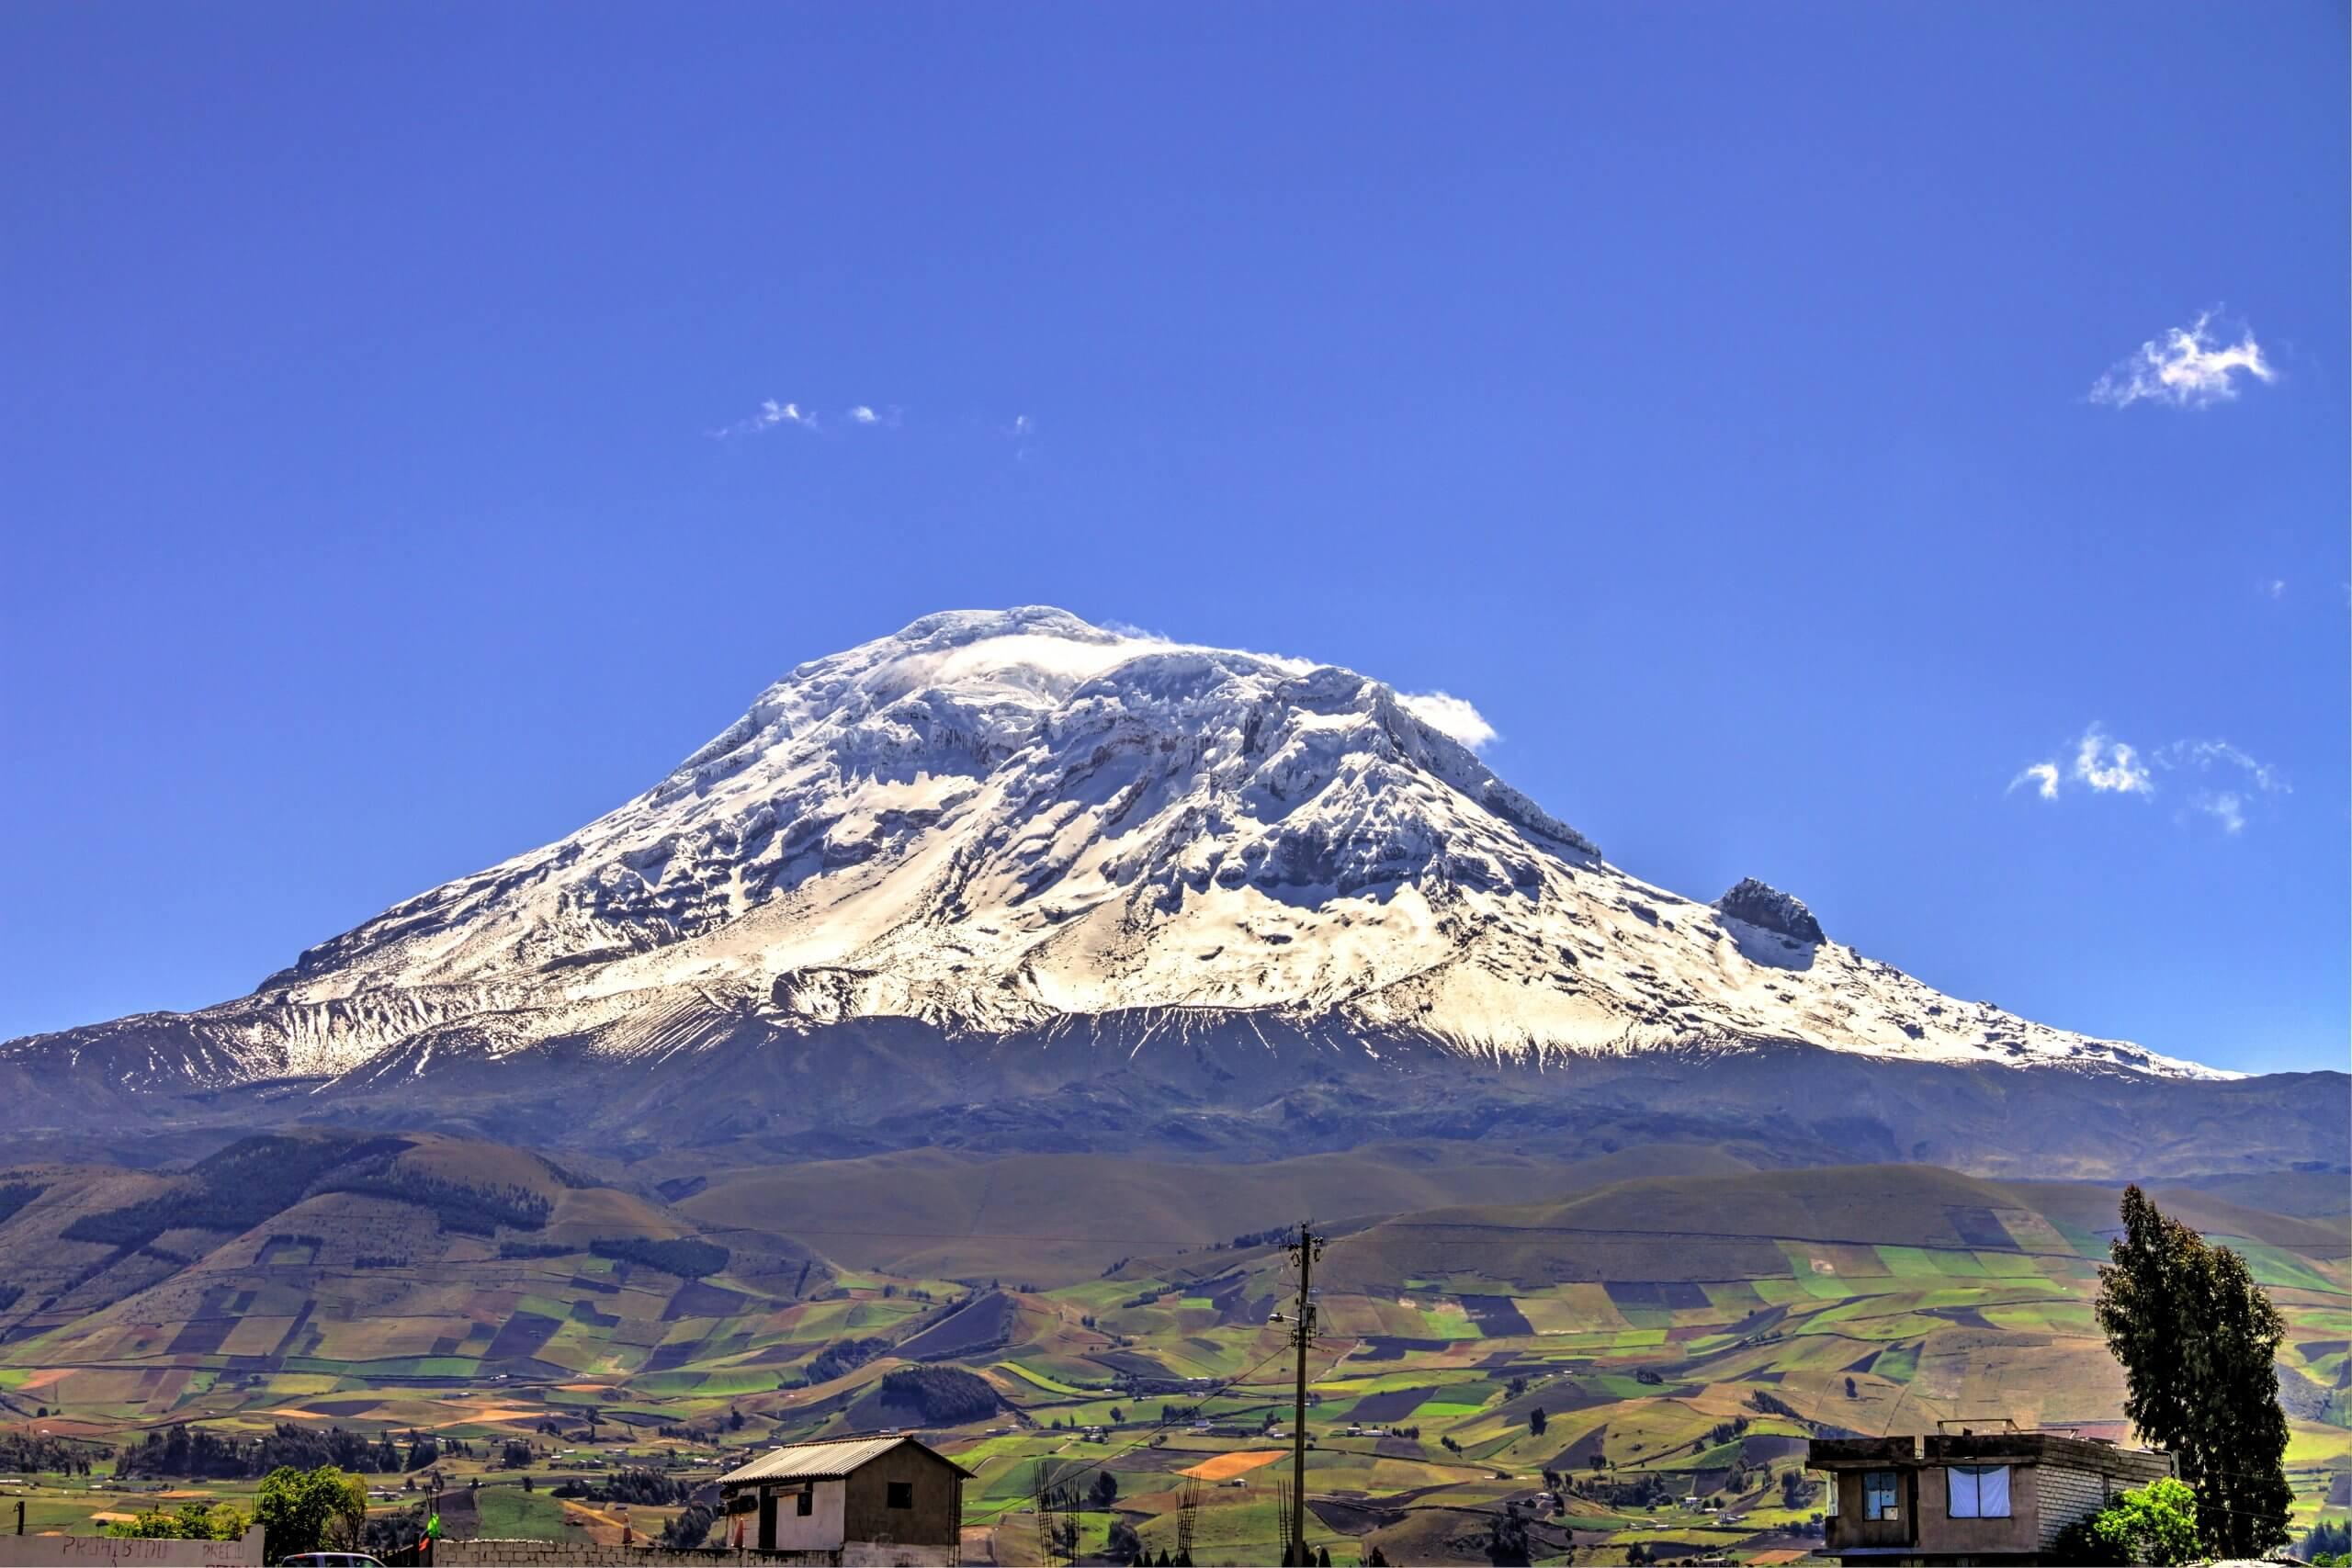 Les sommets enneigés du volcan Chimborazo n'attirent pas que les alpinistes aguerris.